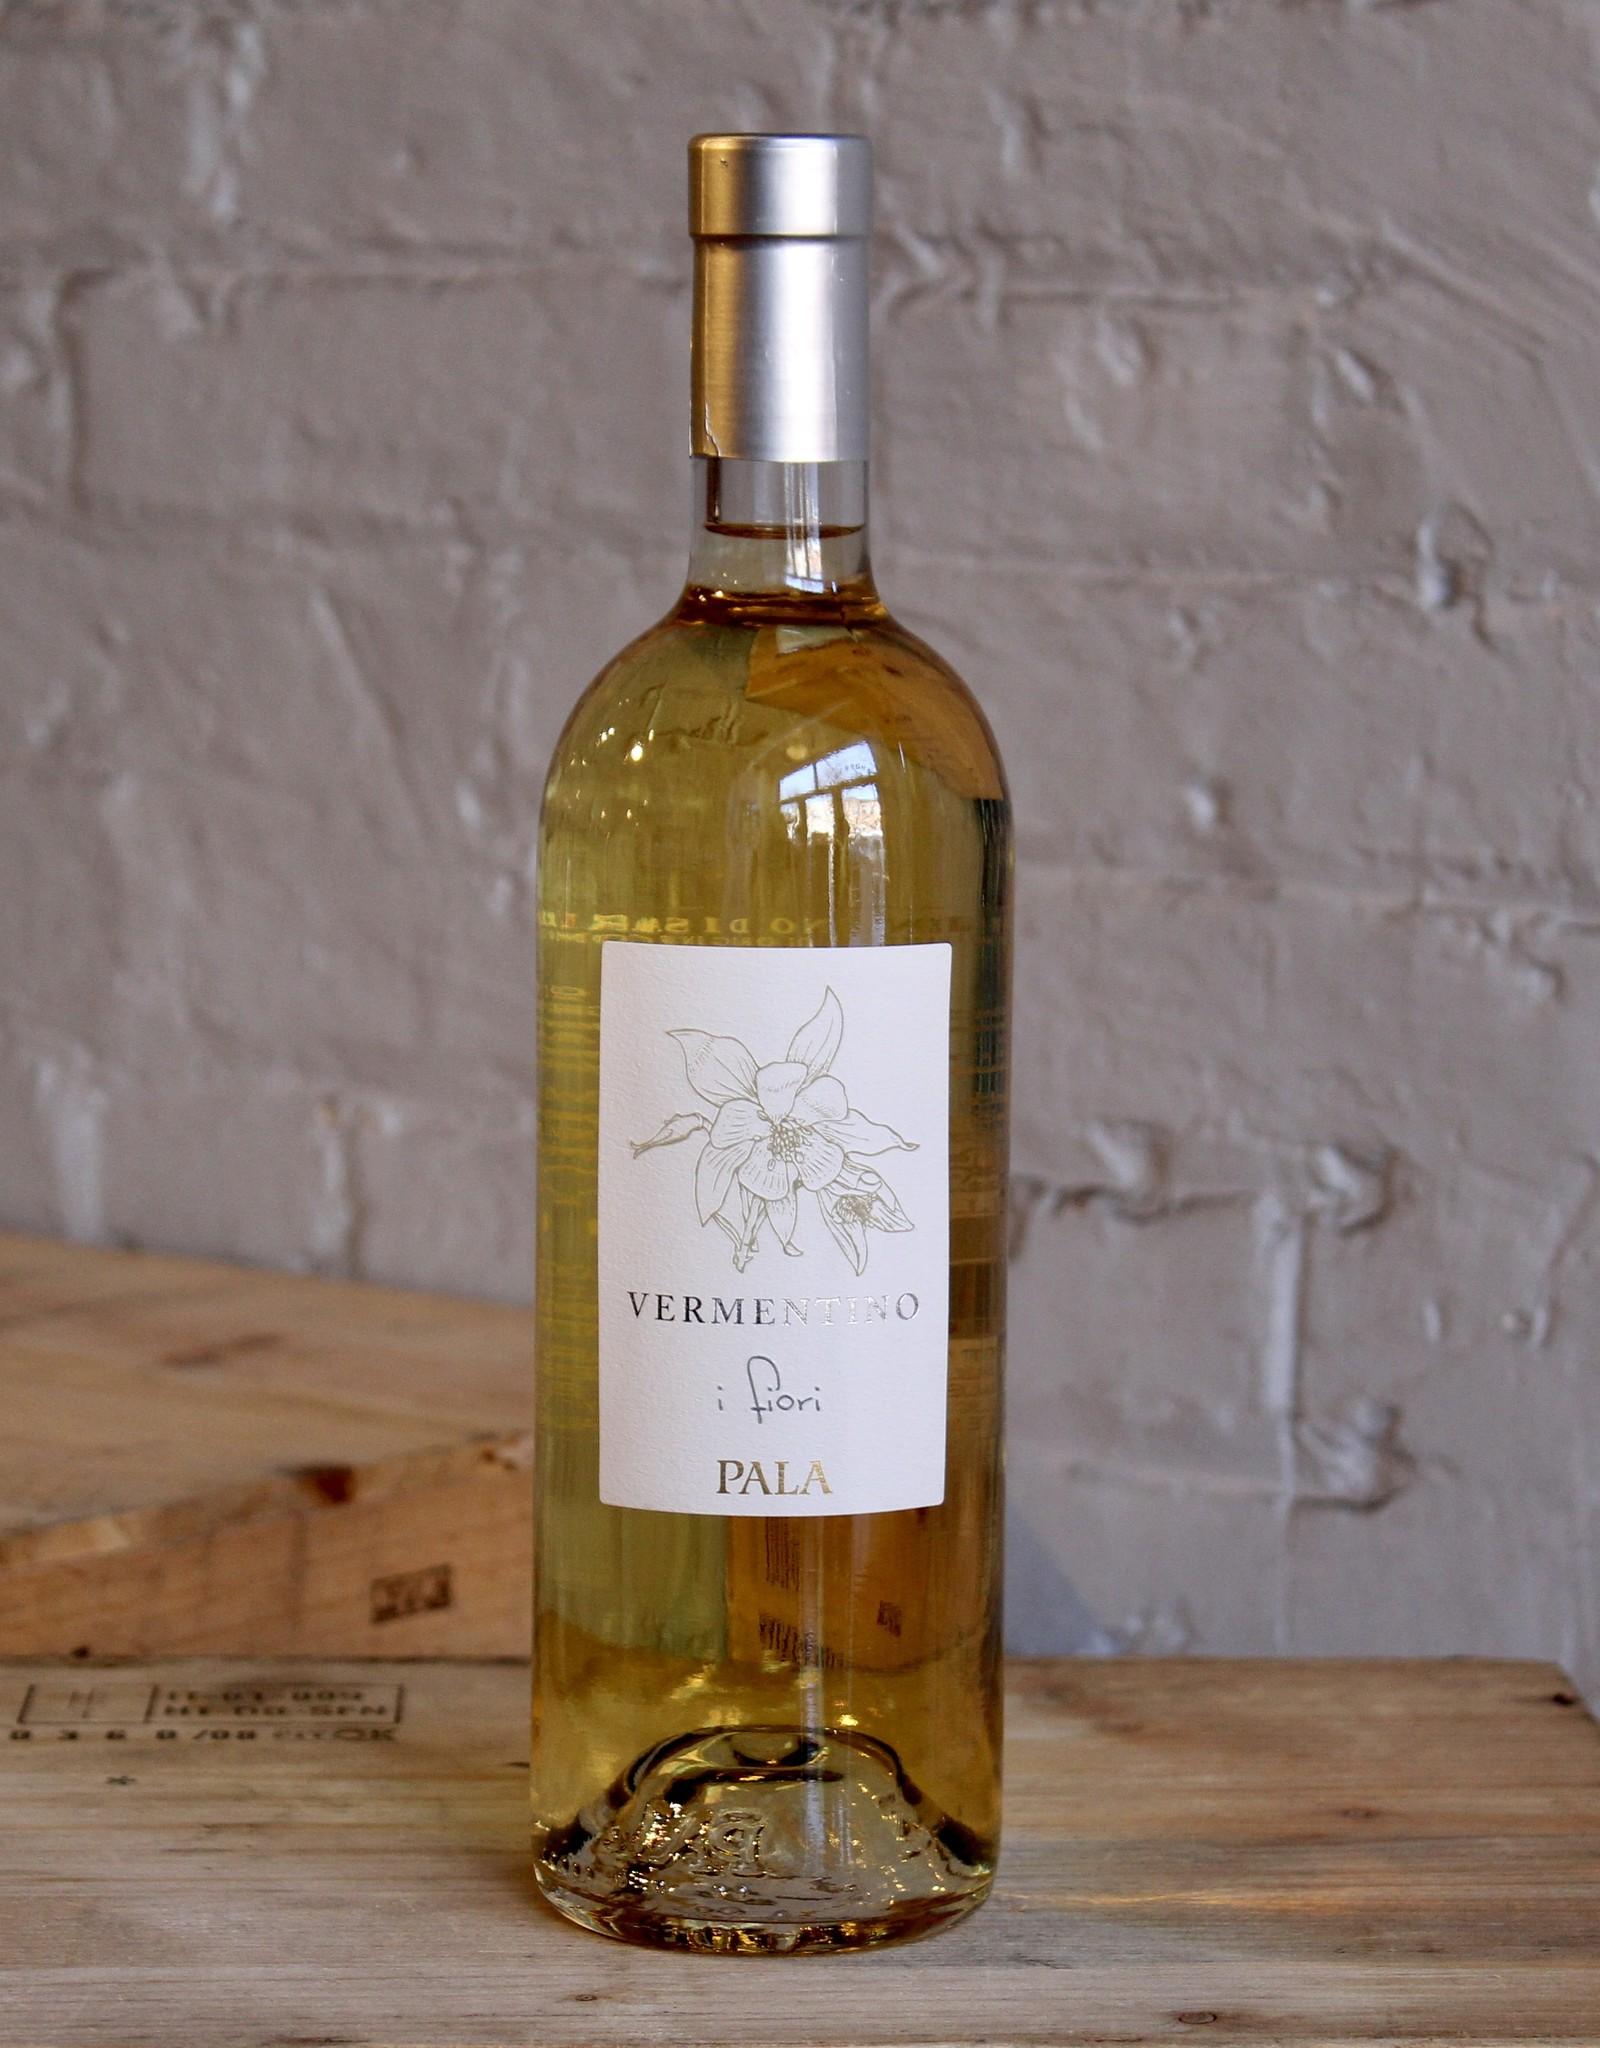 Wine 2019 Pala Vermentino i Fiori - Sardinia, Italy (750ml)